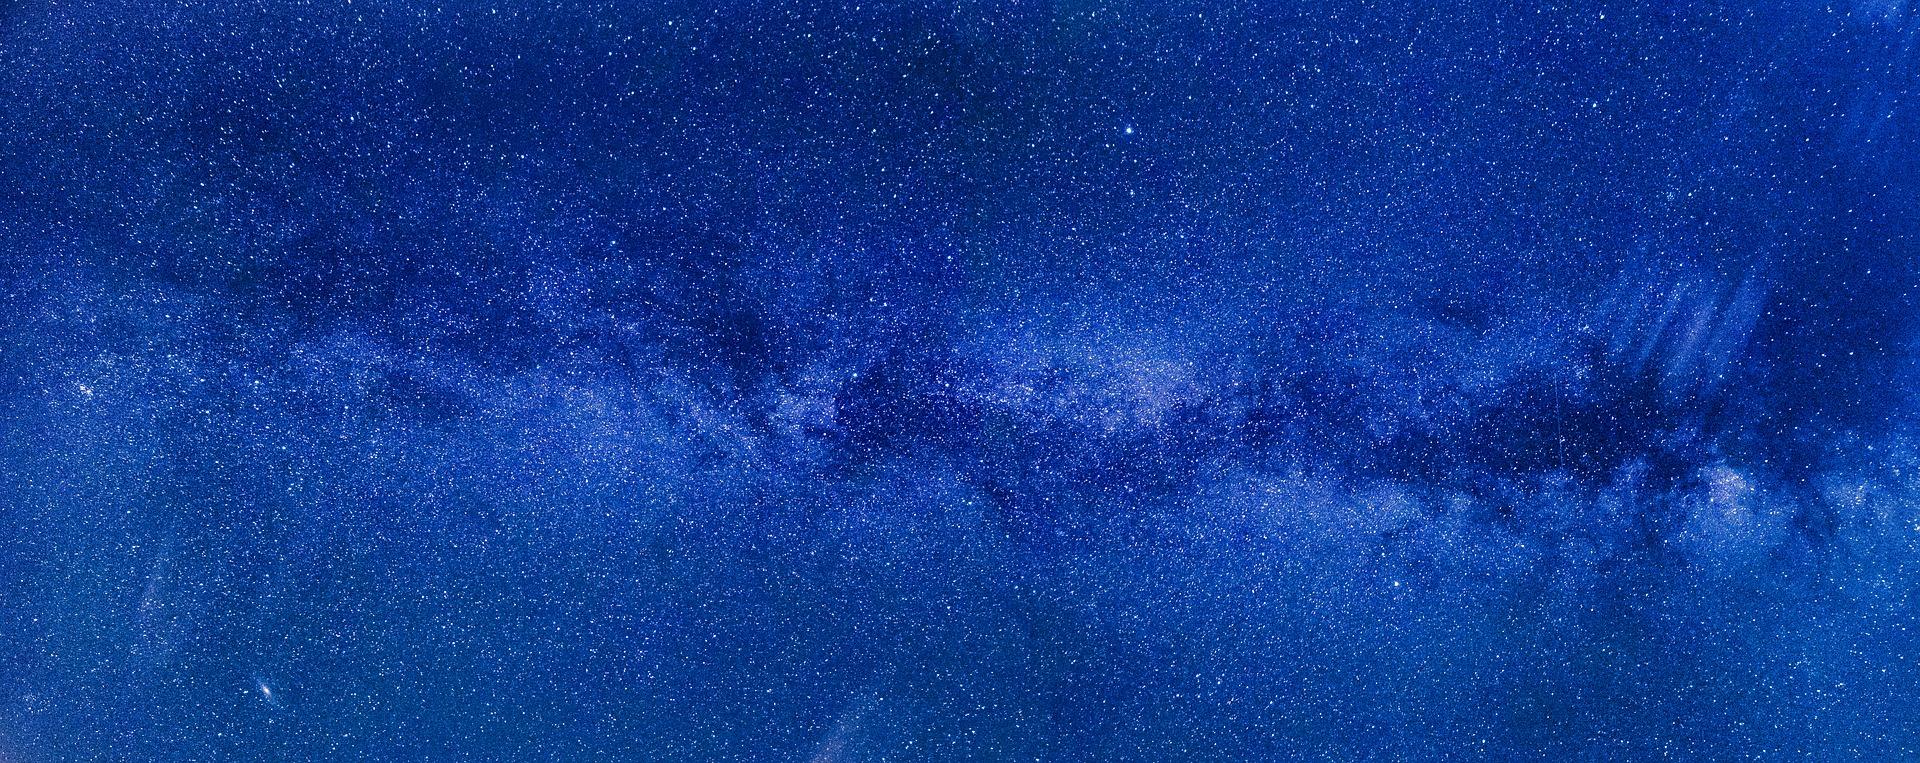 Der Urknall und die Asymmetrie des Universums